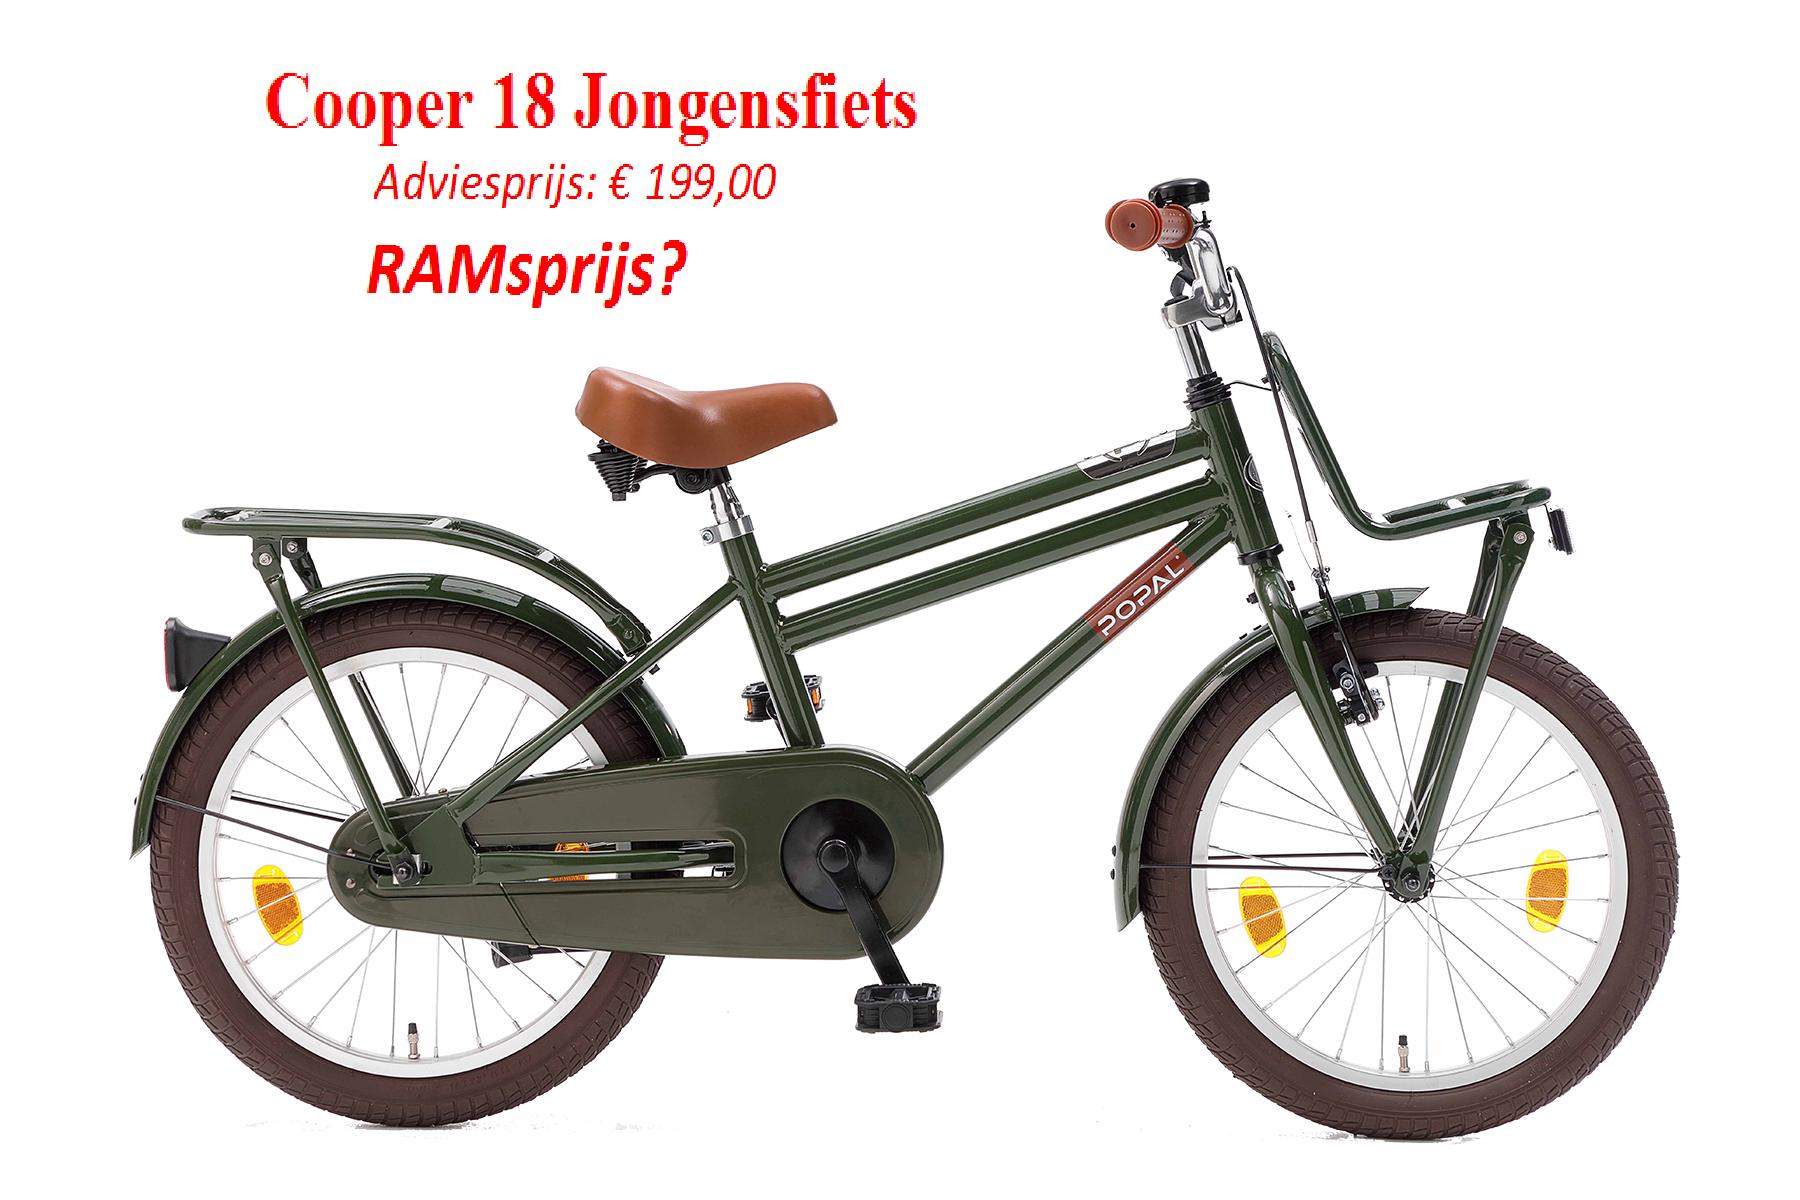 Cooper 18 Jongensfiets   Adviesprijs: € 199,00         RAMsprijs?